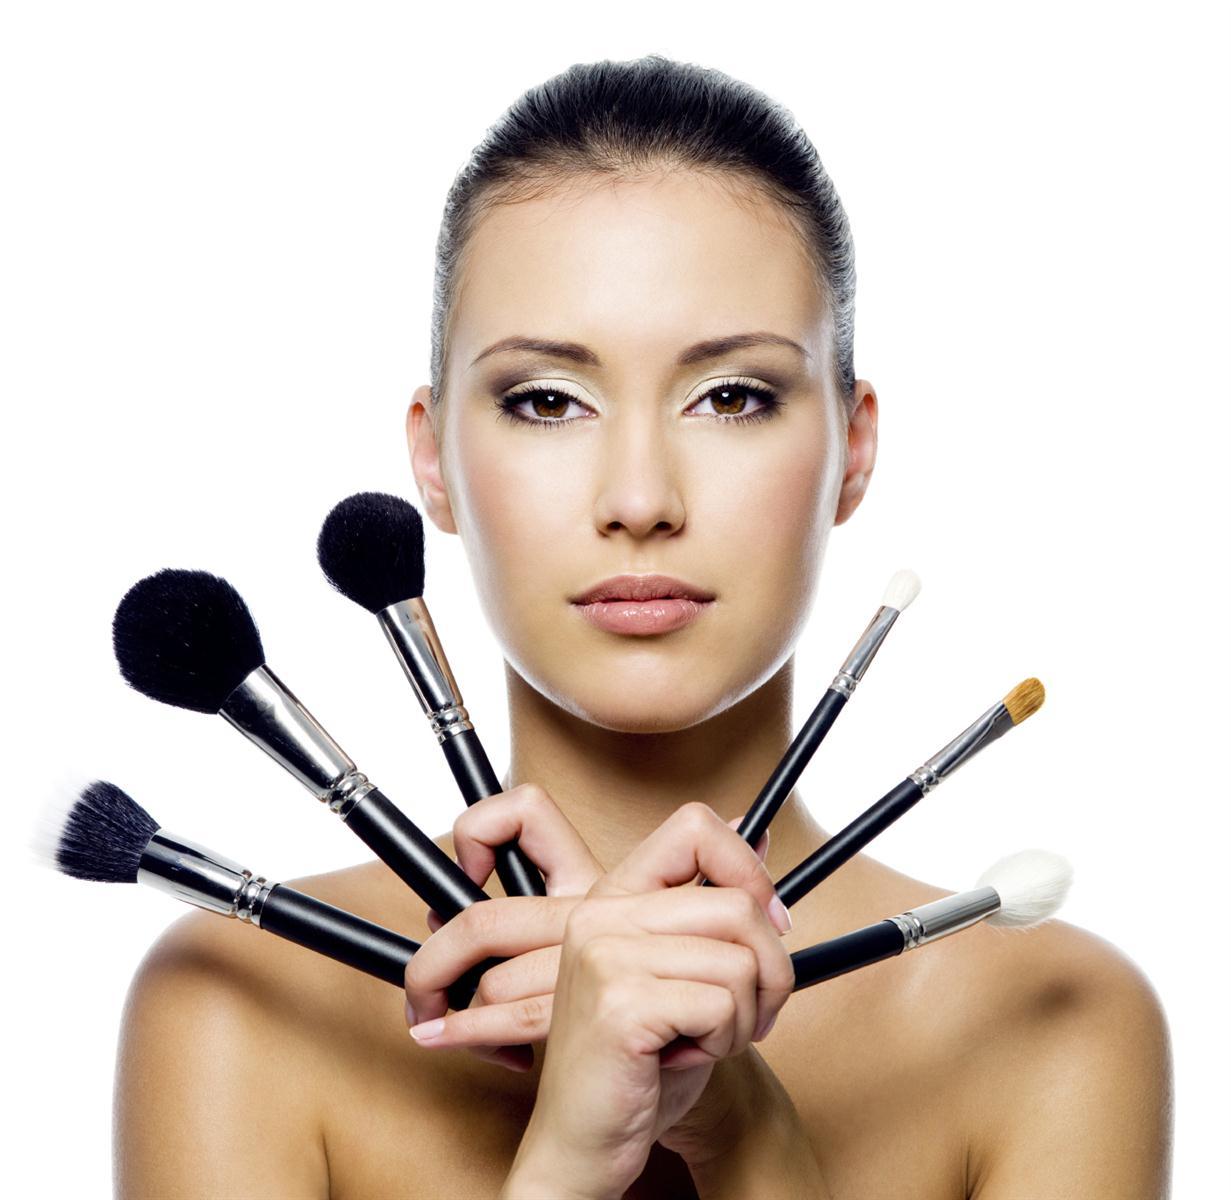 Make Up, Courses - Biocare Academy